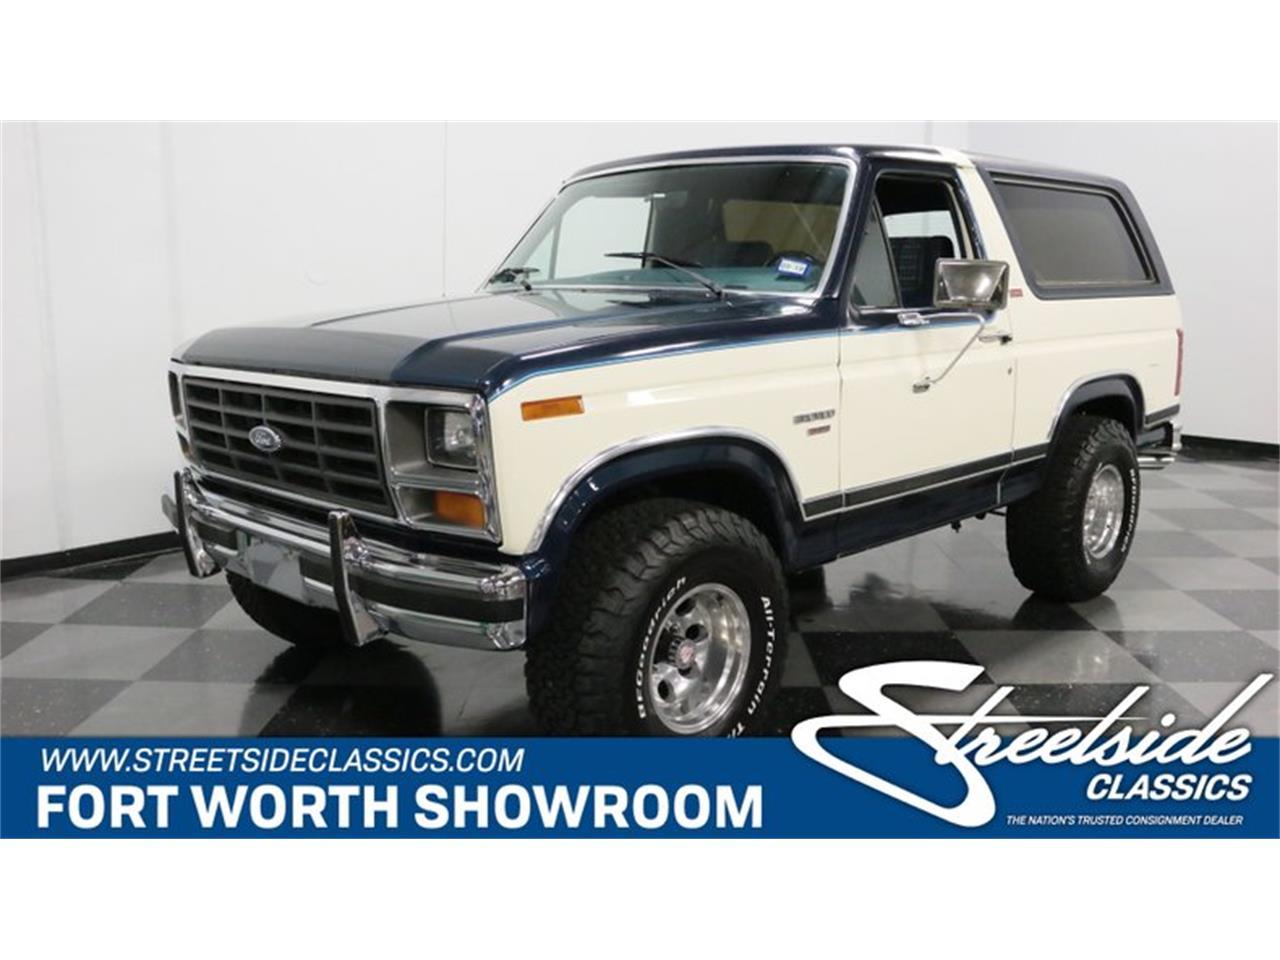 1982 Ford Bronco For Sale Classiccars Com Cc 1236835